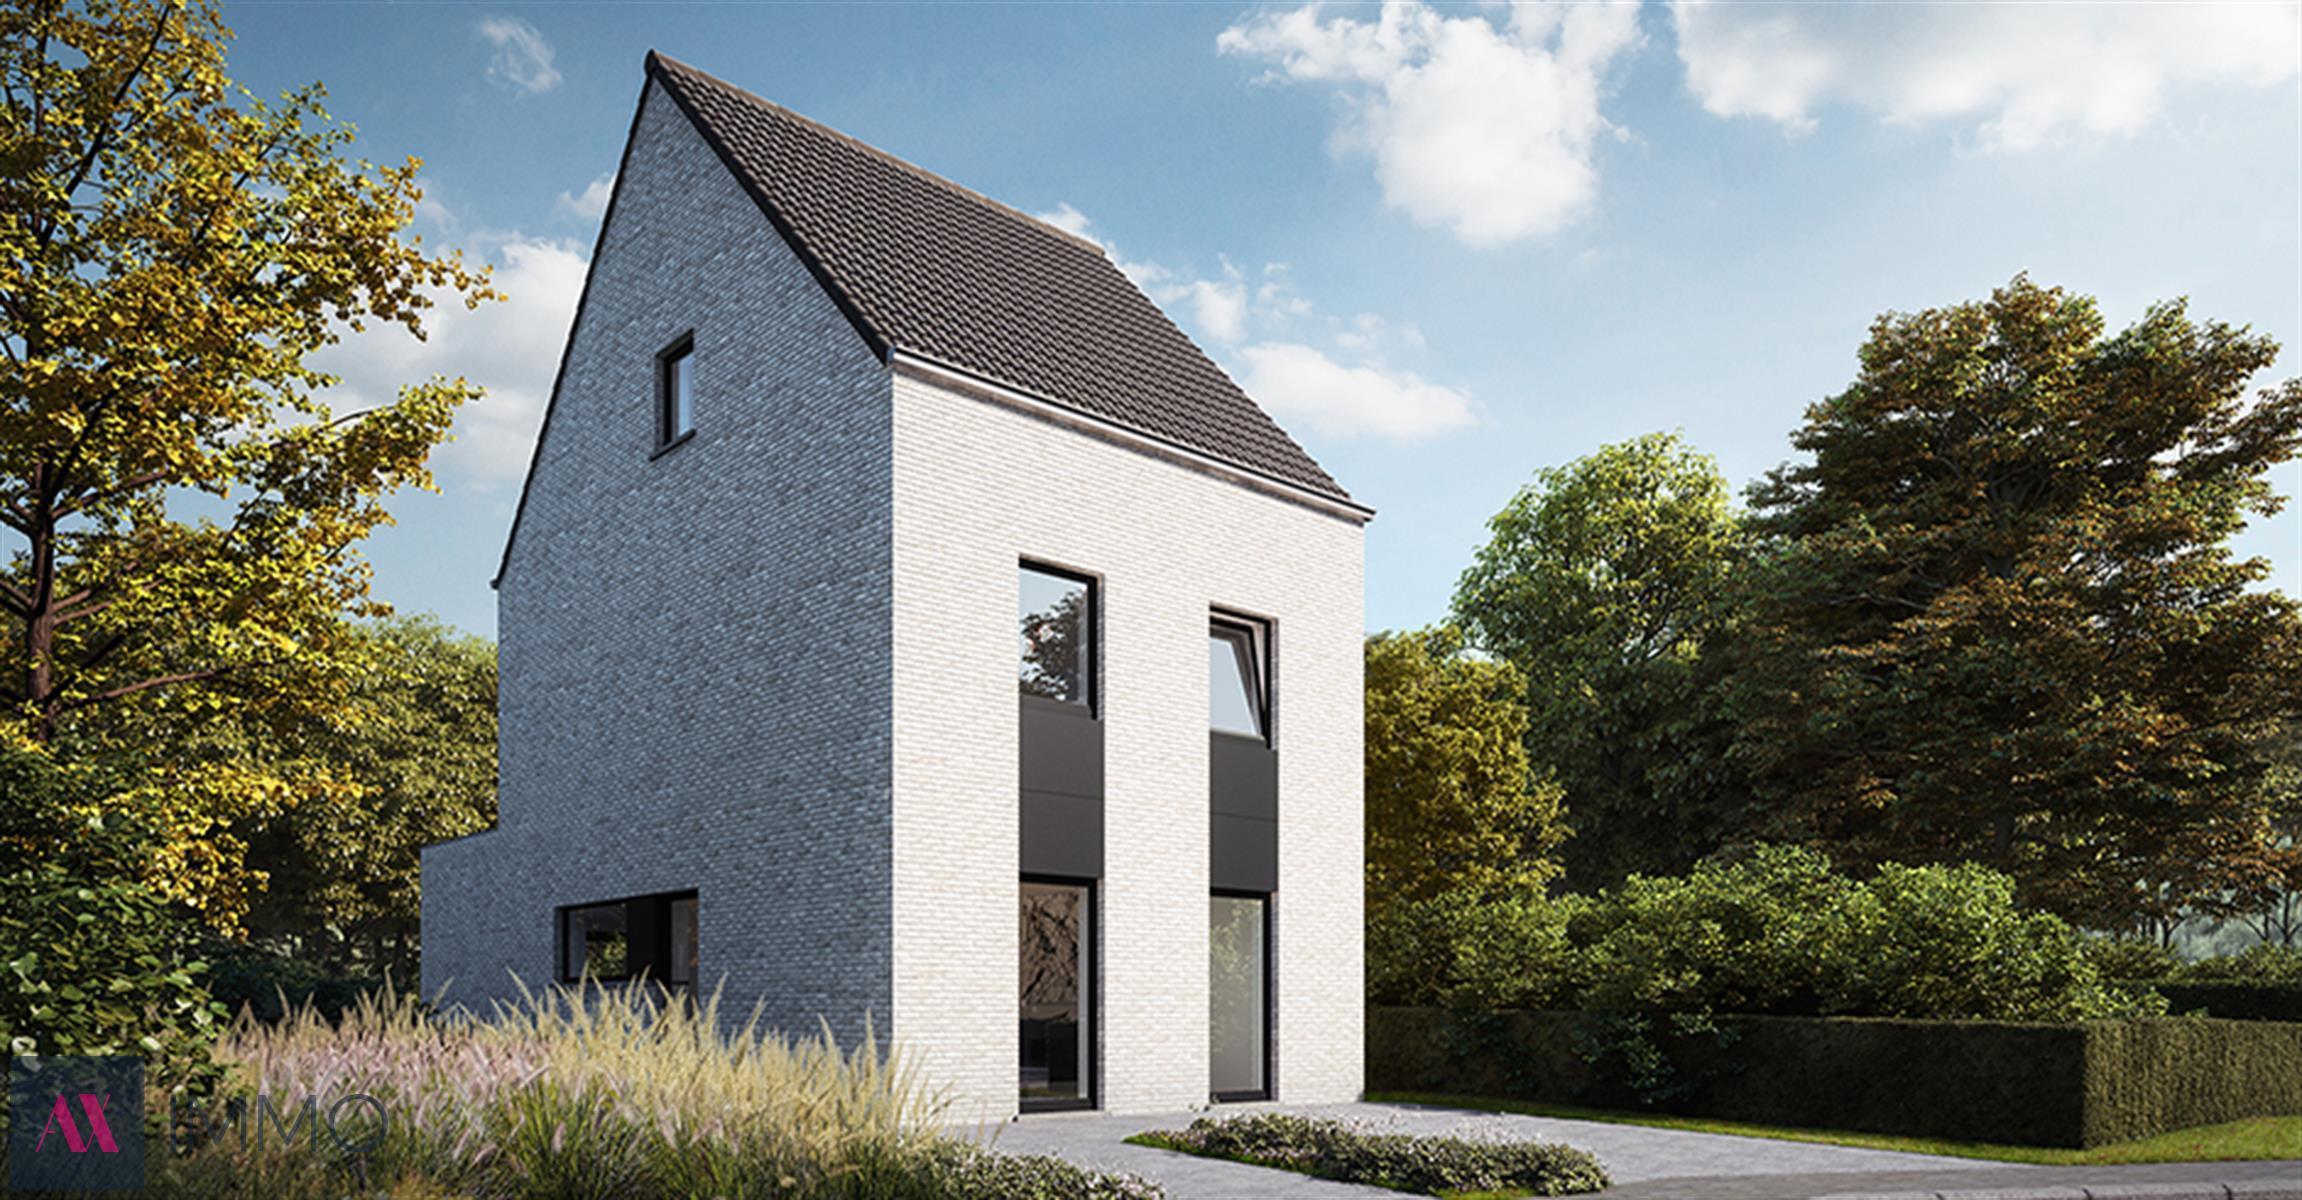 Residentiële verkaveling met 6 nieuw te bouwen half-open woning op percelen vanaf 04 are 26 ca